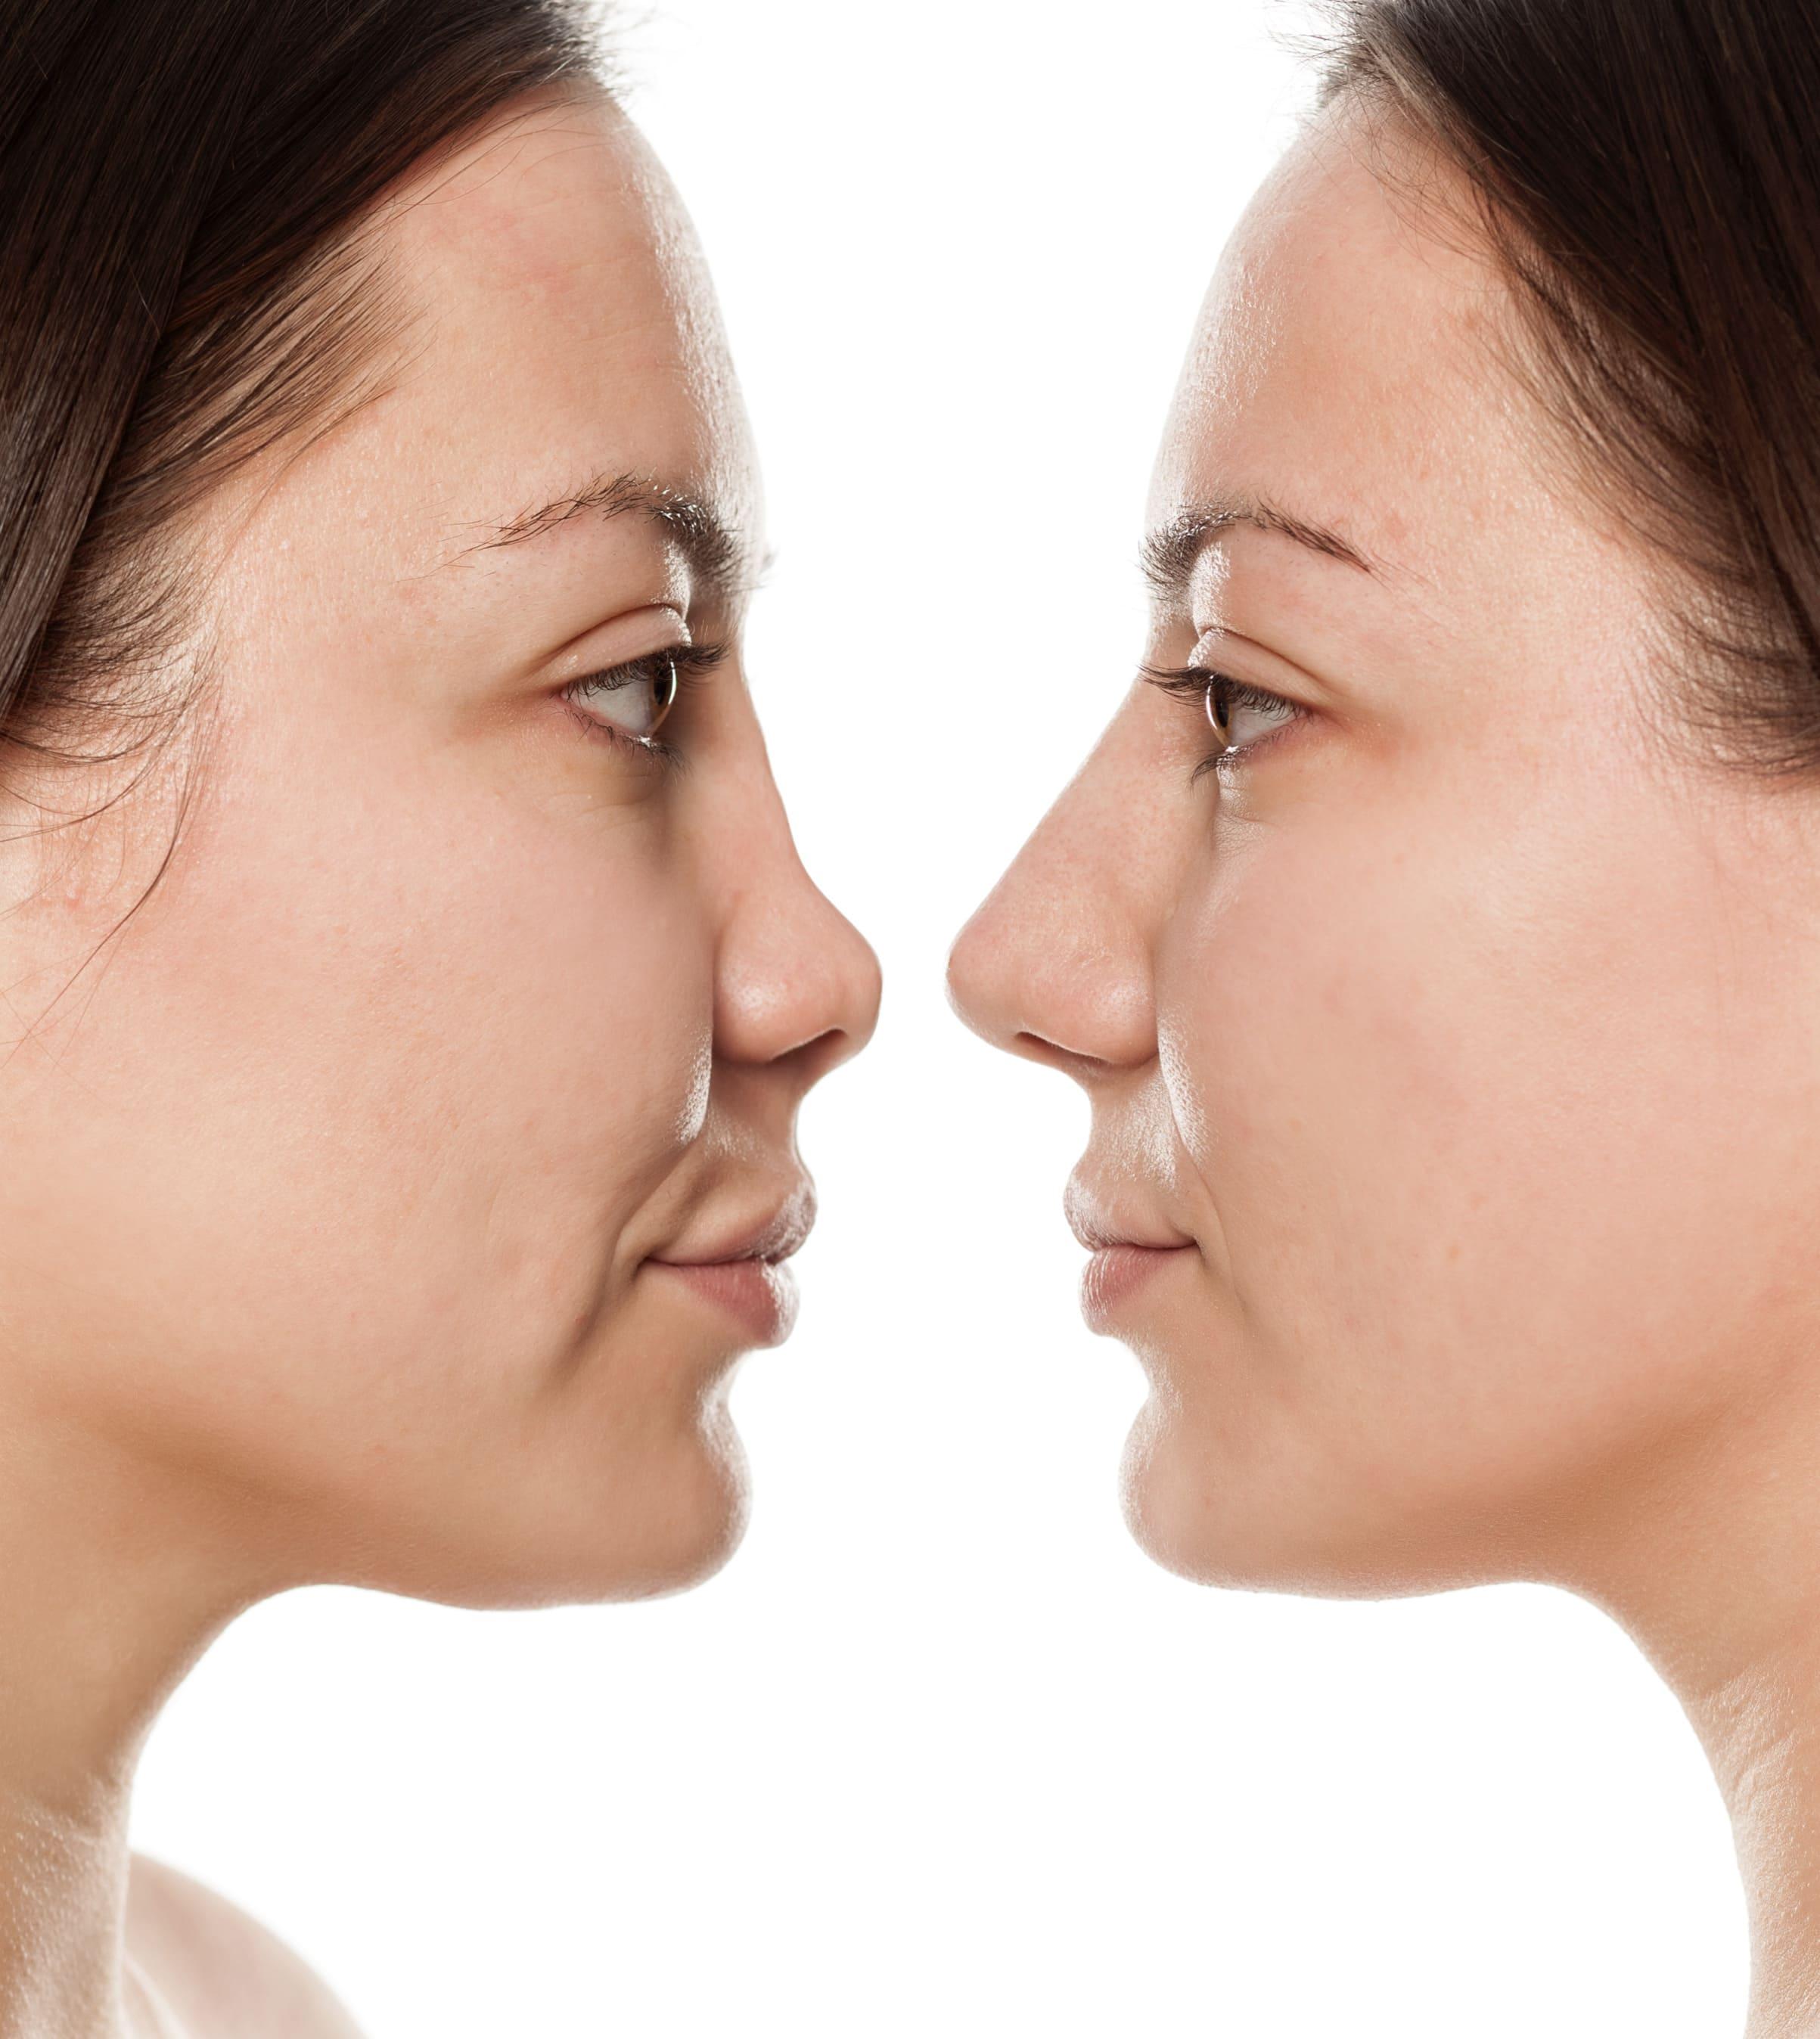 повторная ринопластика носа